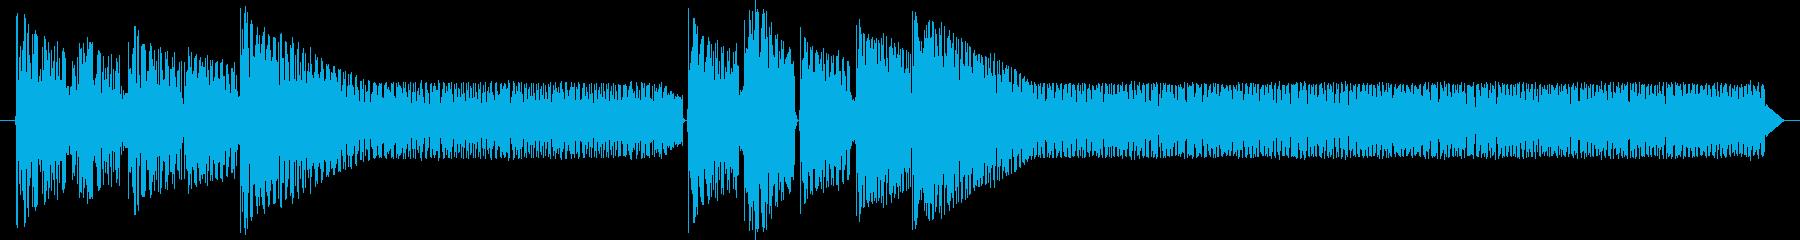 レトロゲームジングル:サスペンス、事件の再生済みの波形